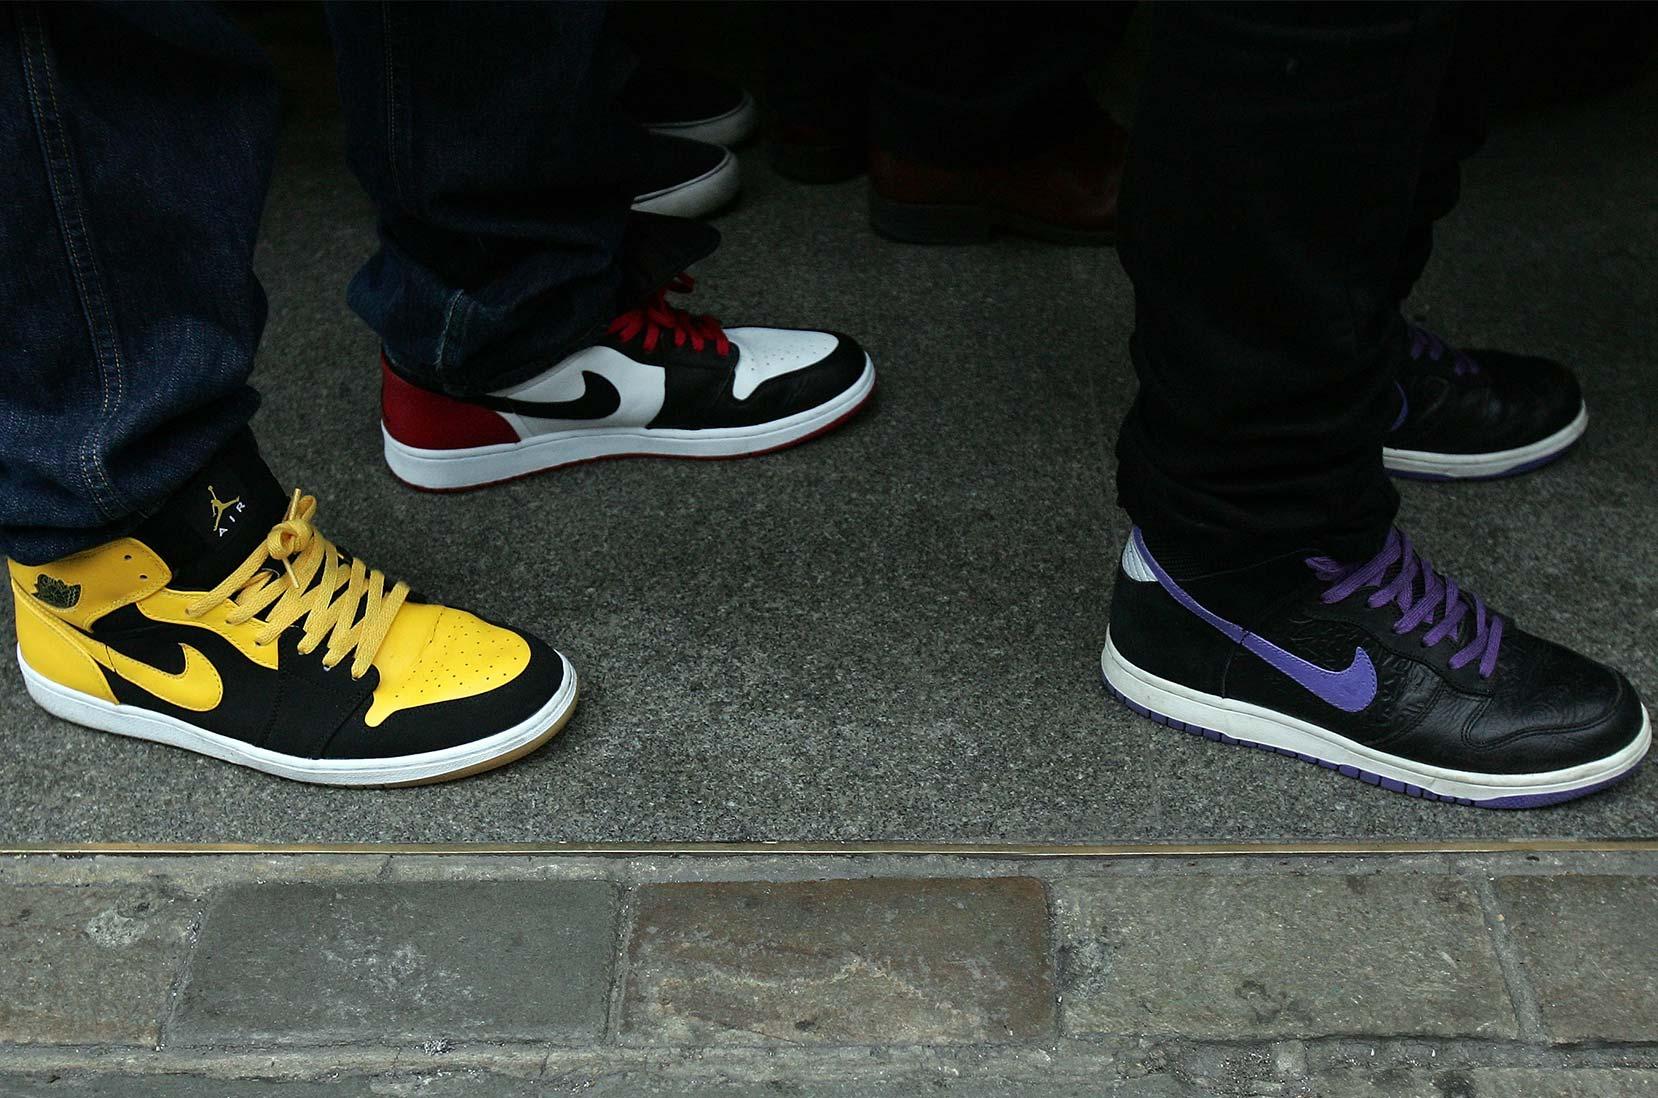 Warteschlange vor dem Nike Town Store in London, 2007 © Gareth Cattermole/Getty Images für Nike